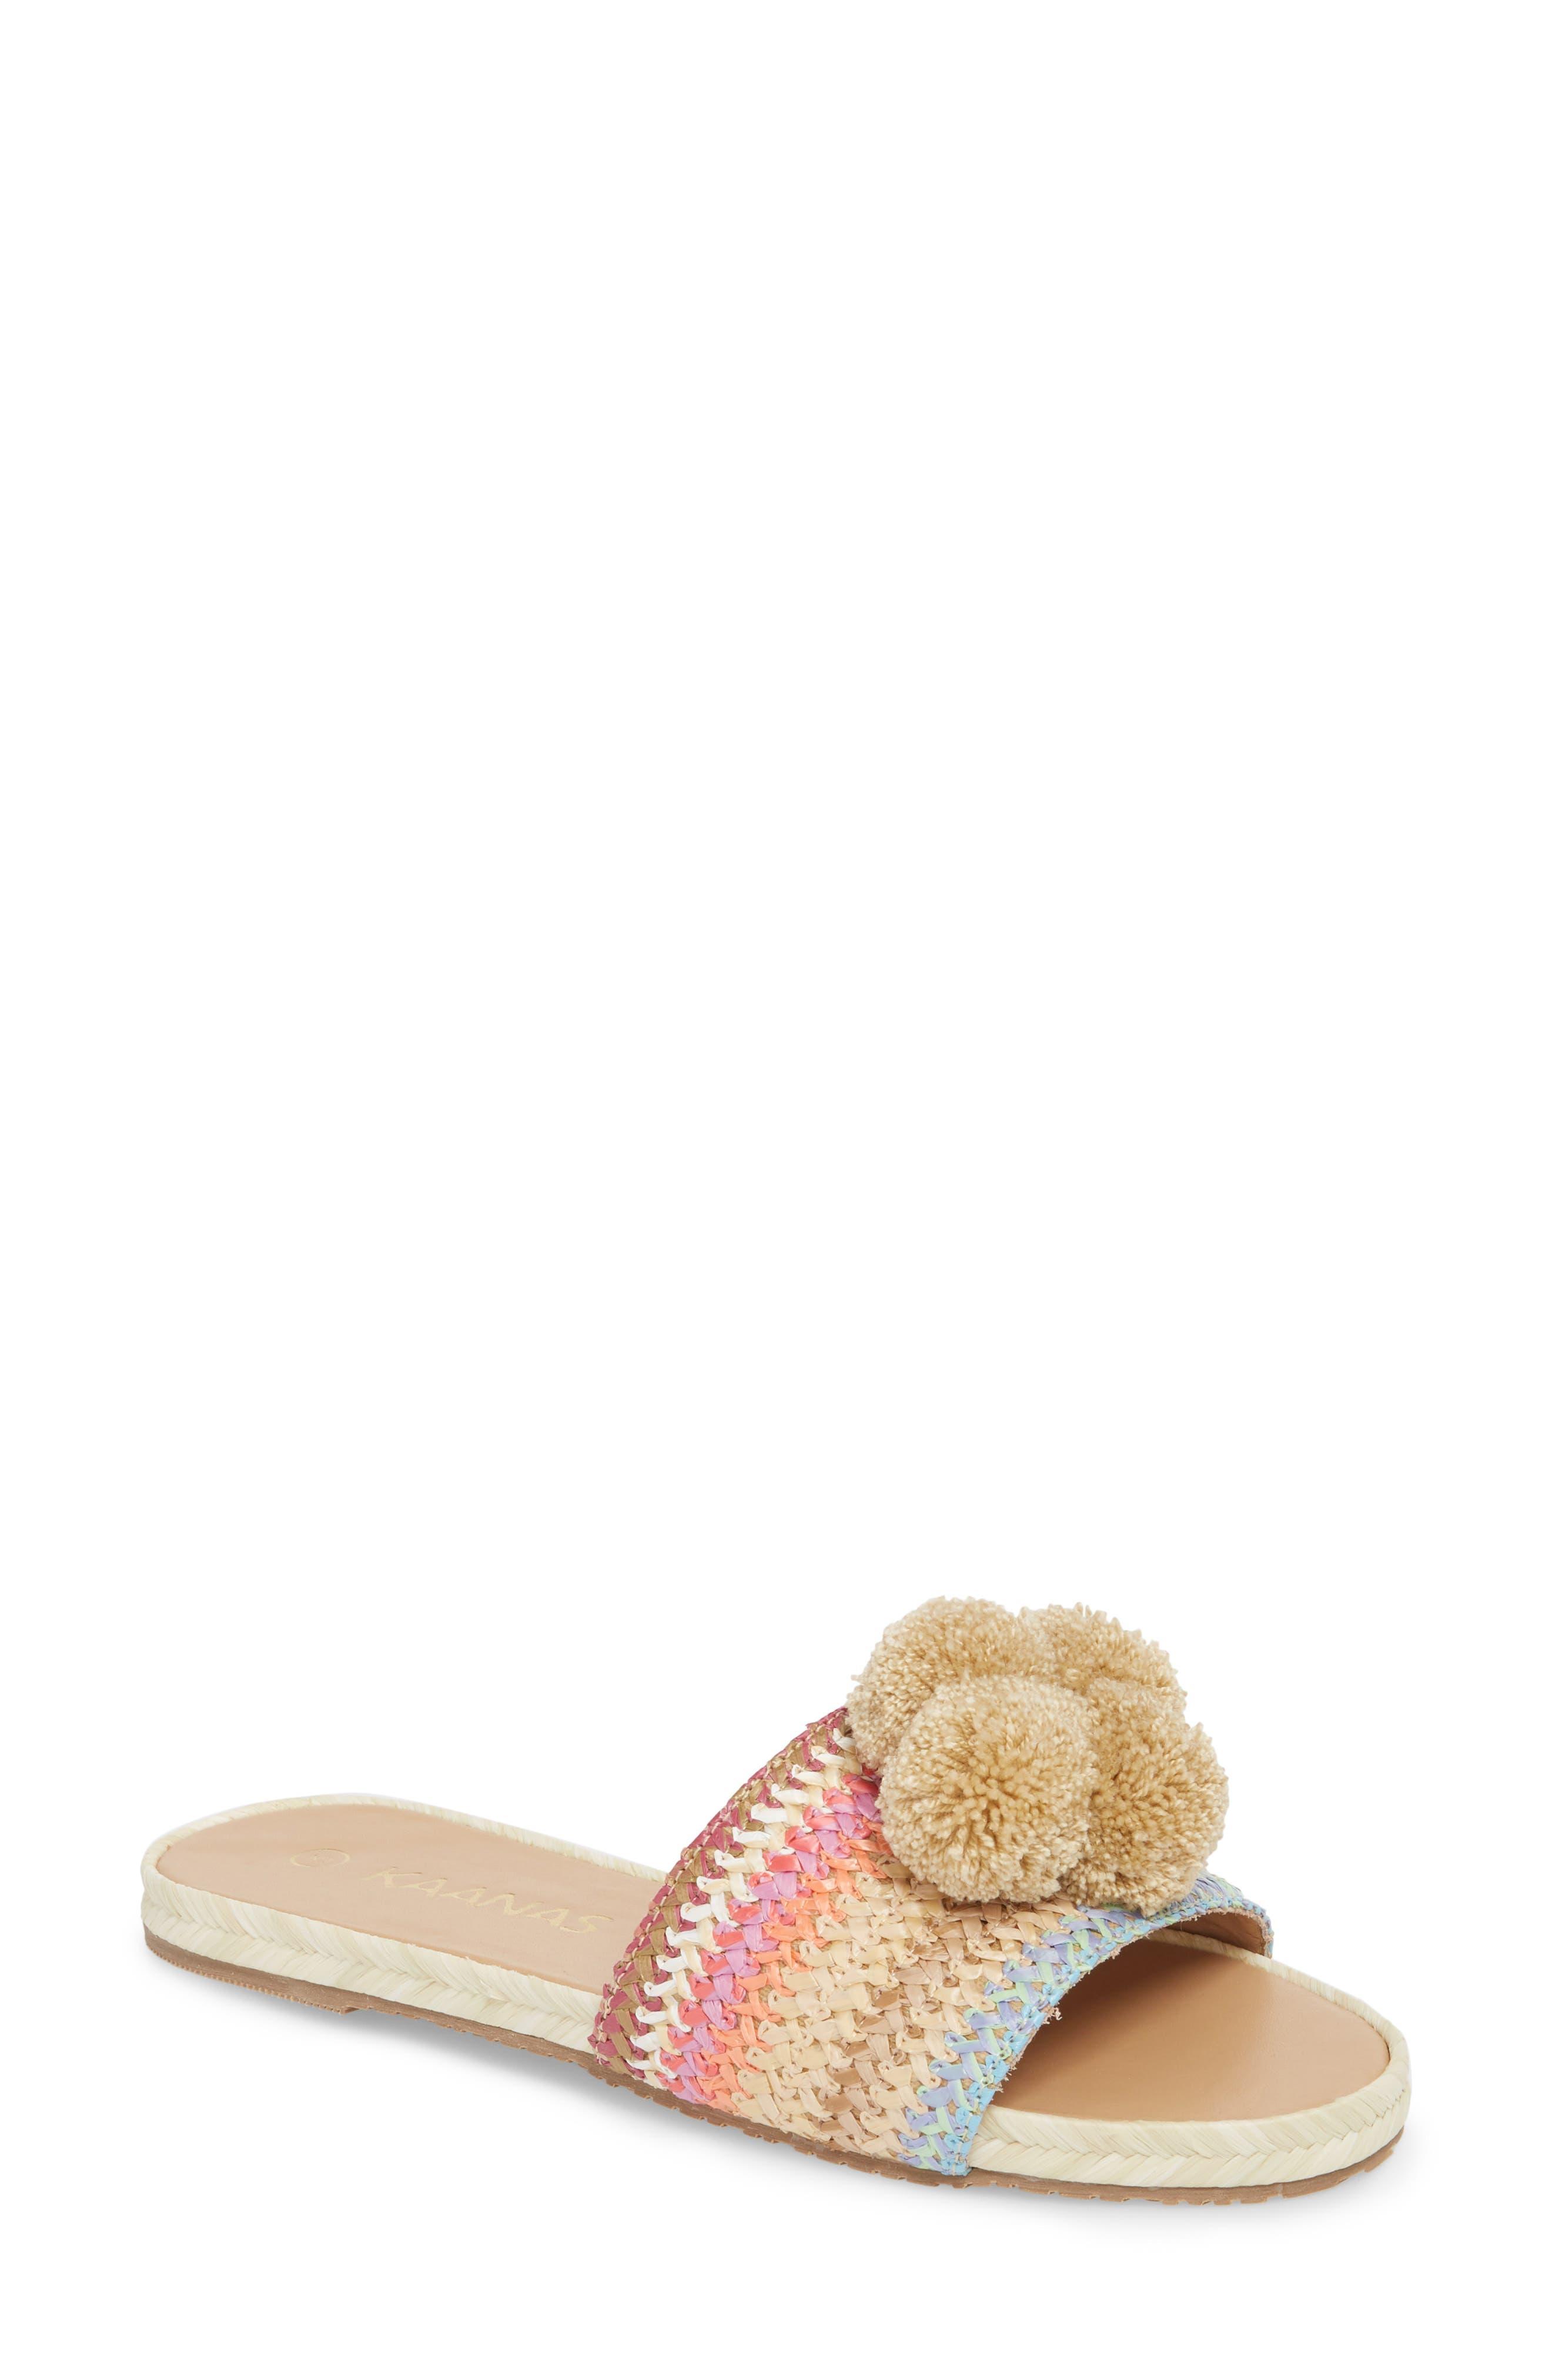 Santa Helena Pom Slide Sandal,                             Main thumbnail 1, color,                             Bright Multi